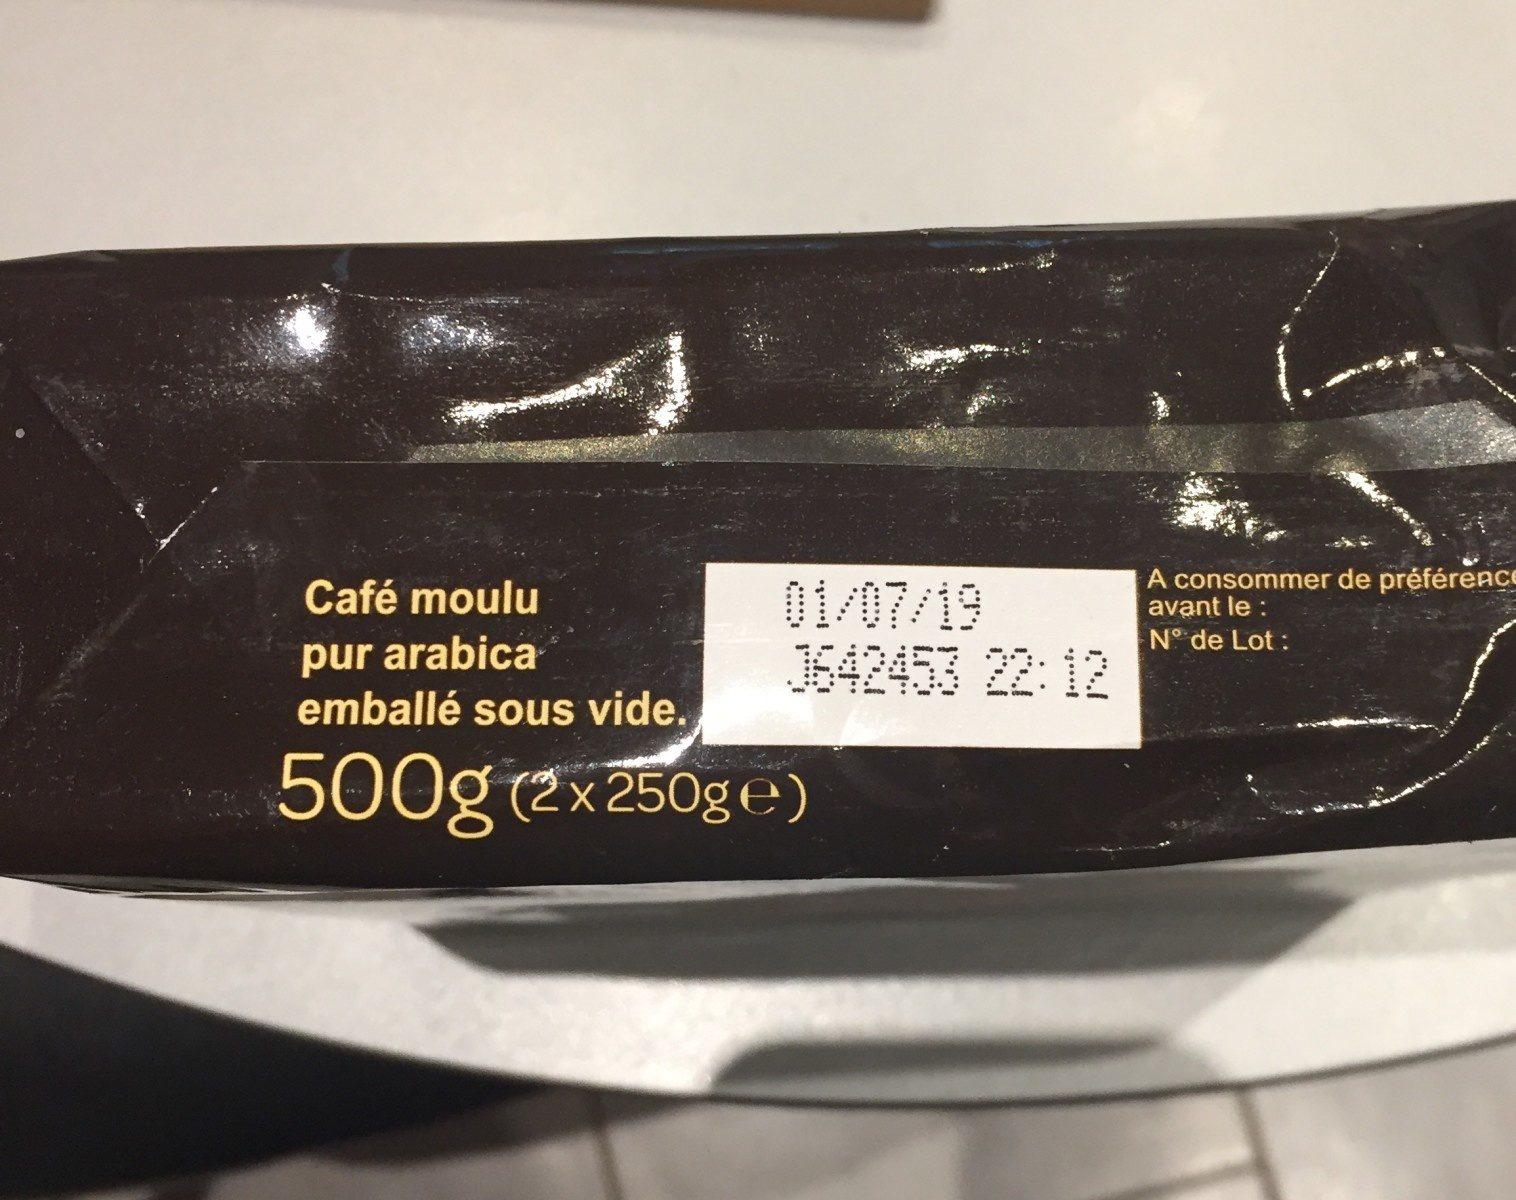 Café moulu Équilibré - Ingredients